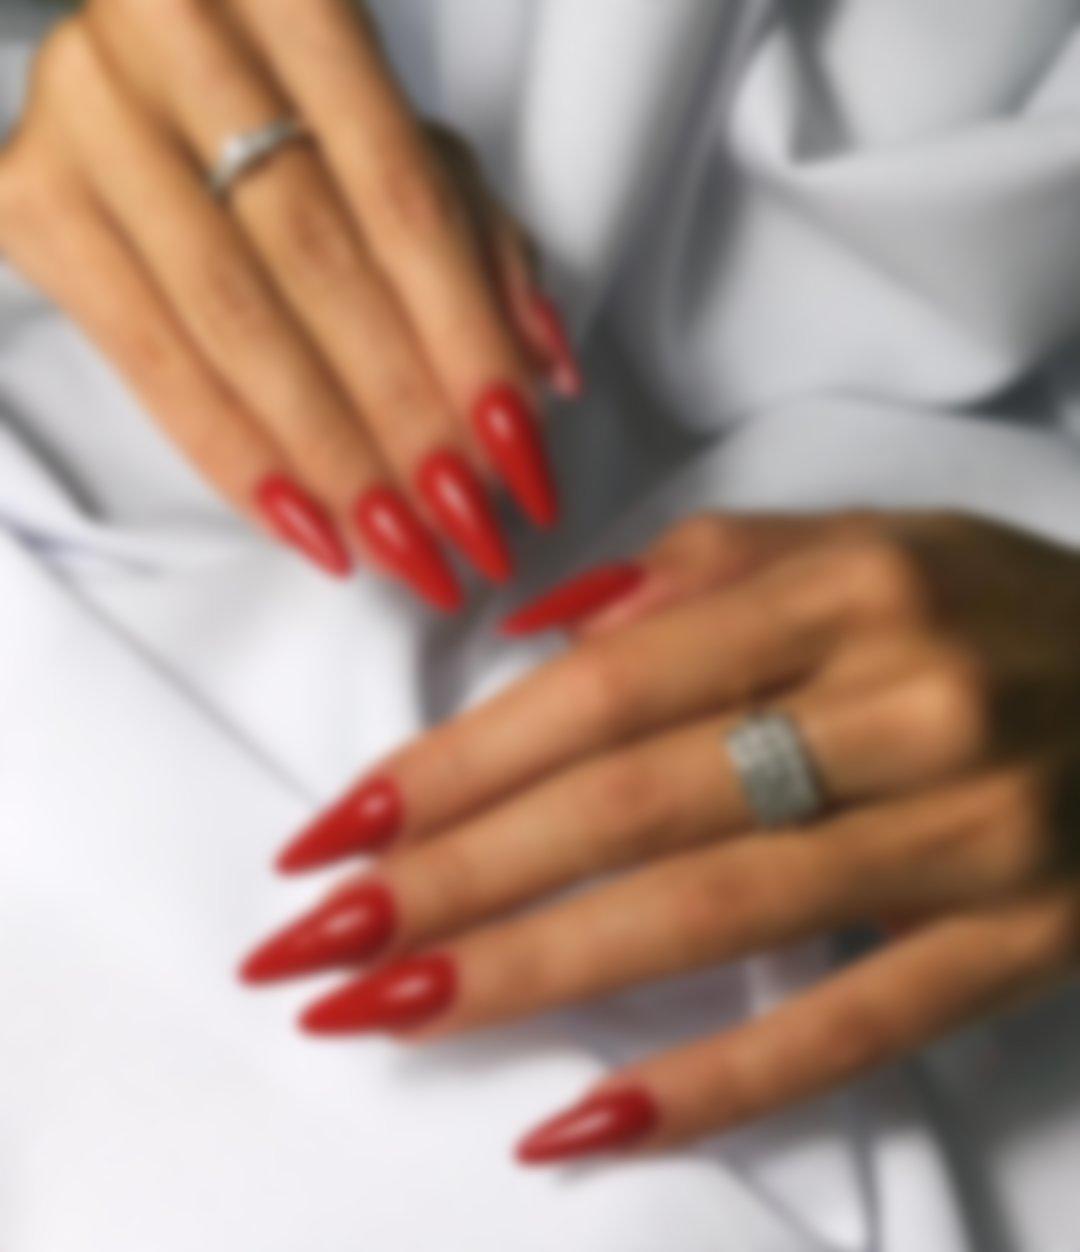 Картинки красного маникюра на длинные ногти